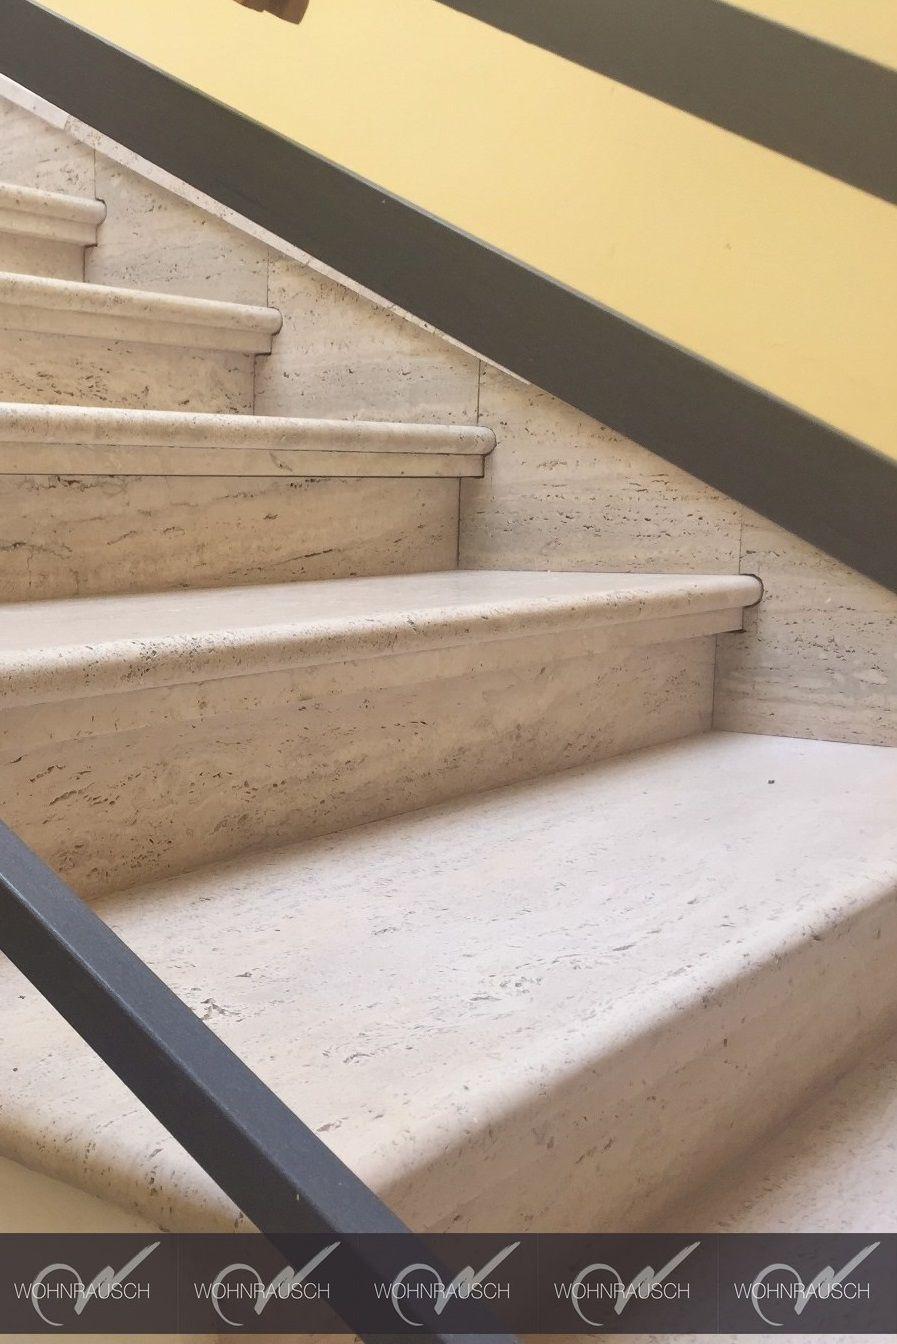 Hochwertige Travertin Crema Treppe Die Vorderkante Ist Halbrund Gefrast Und Geschliffen Wohnrausch Travertin Na Natursteinfliesen Natursteinplatten Treppe